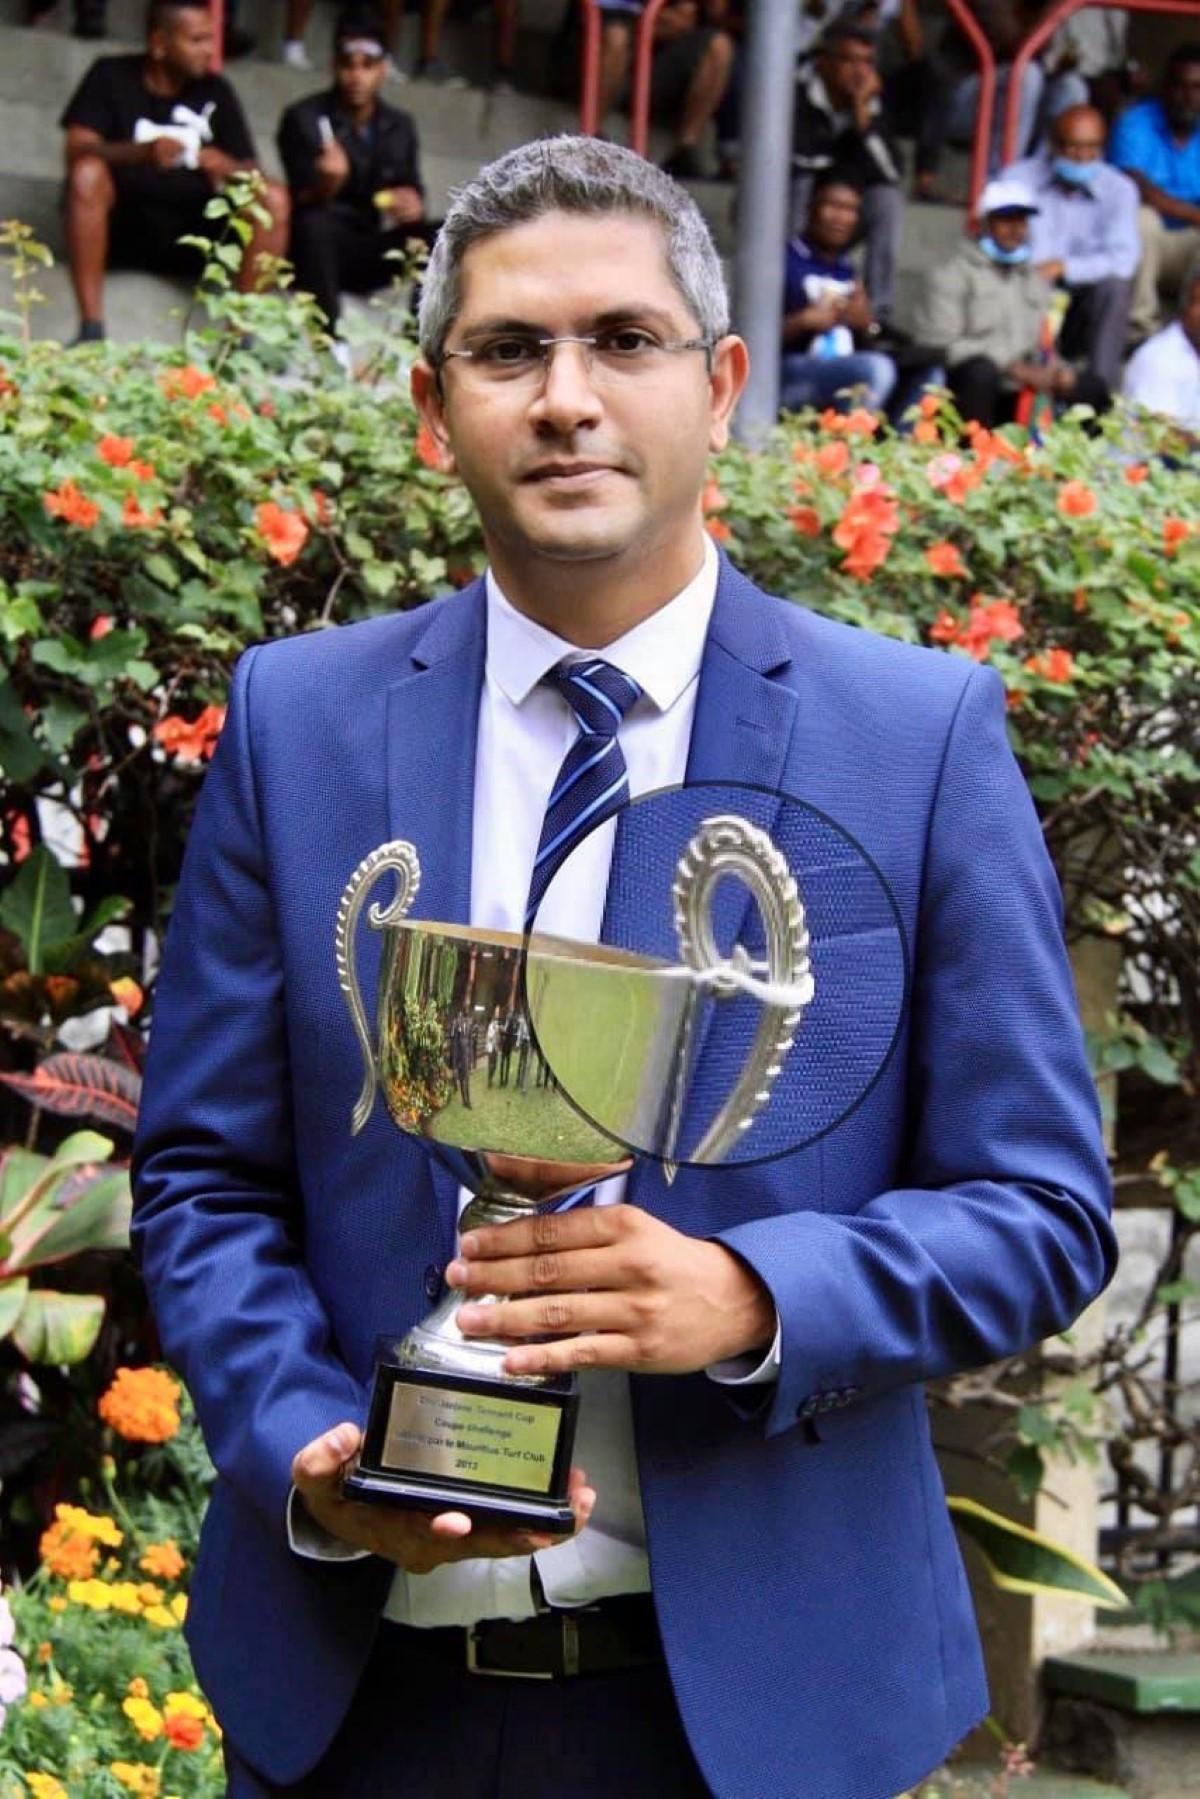 Que cache l'acharnement de Sunil Gohin, patron de Inside News, contre l'avocat Akil Bissessur ?